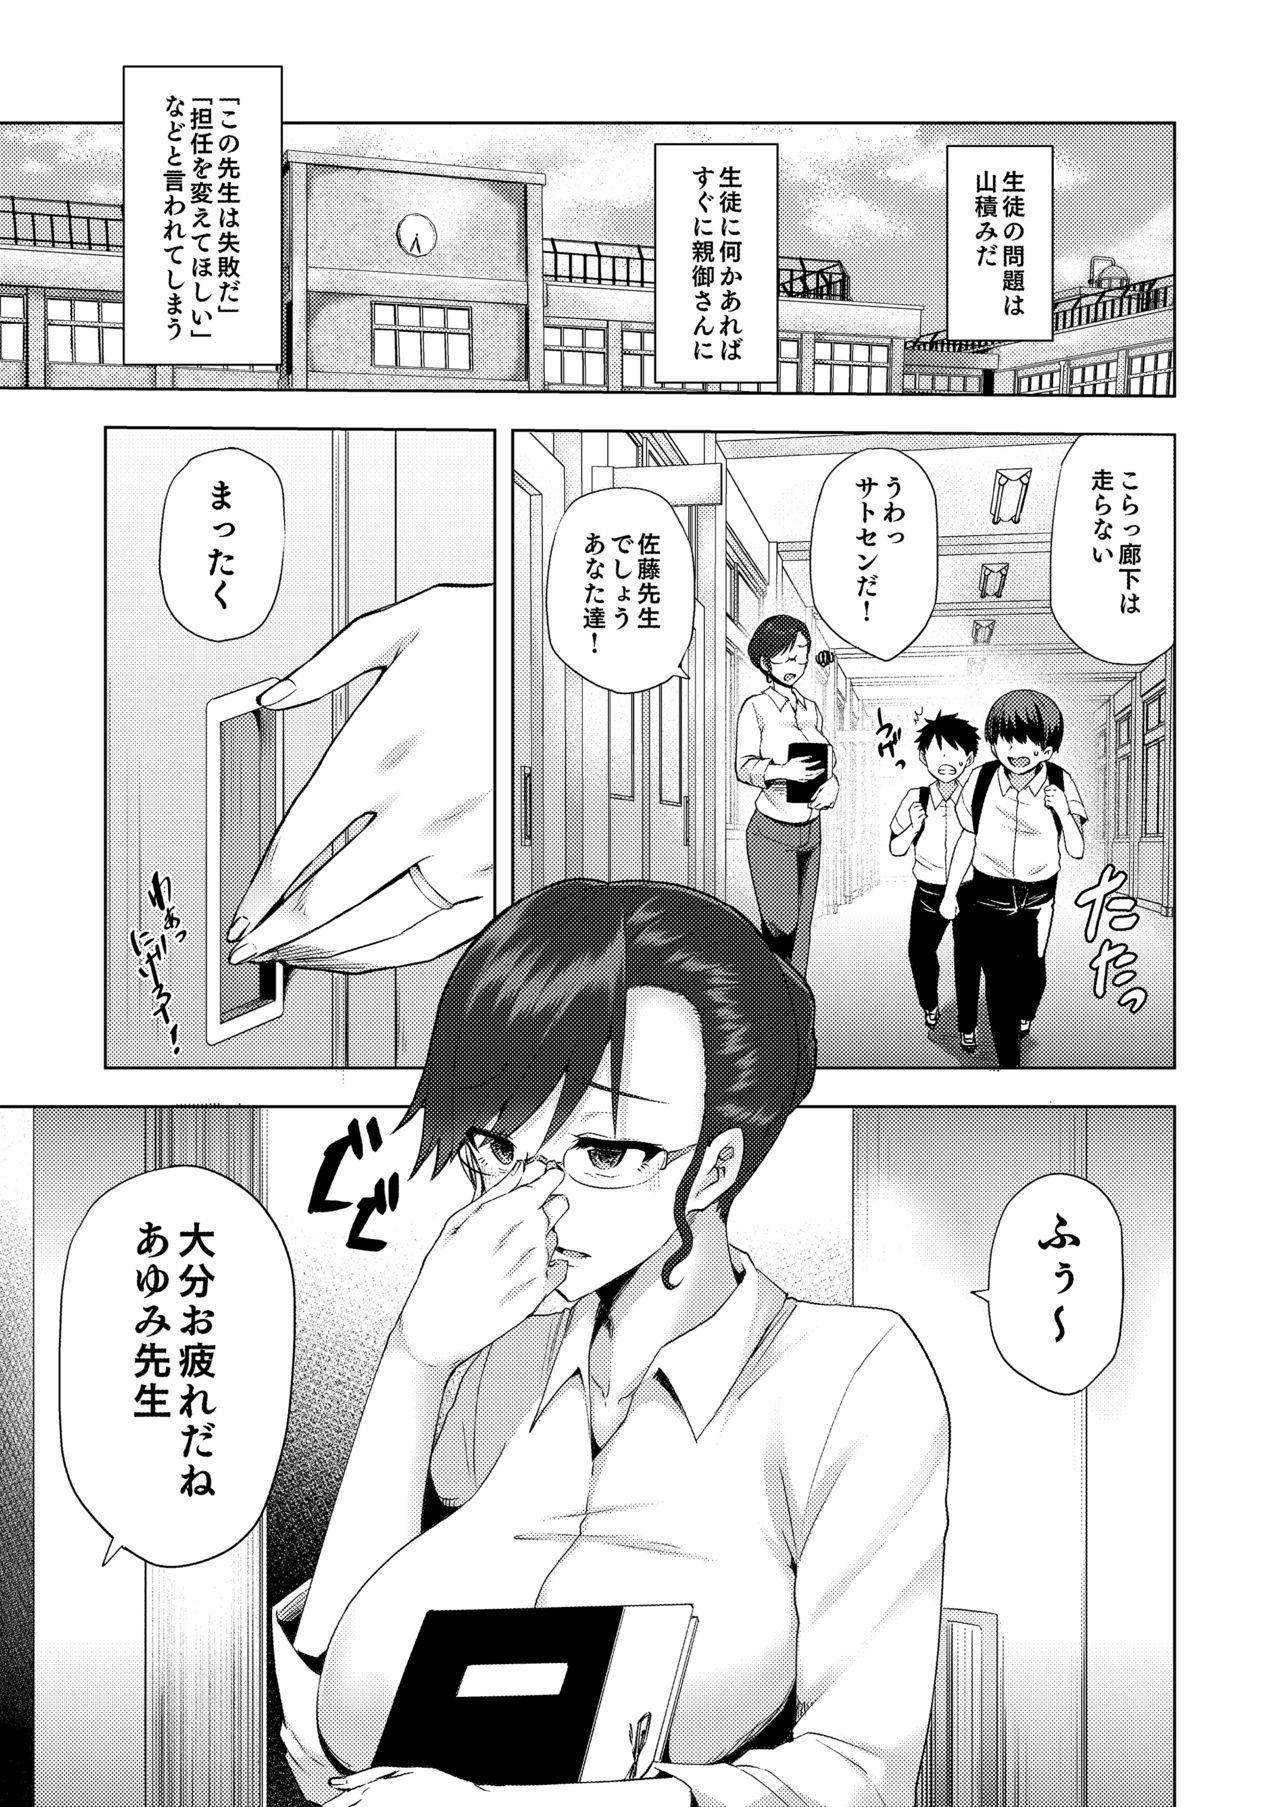 Watashi ga Manbiki o Shita Wake o Kiite Kudasai 2 1